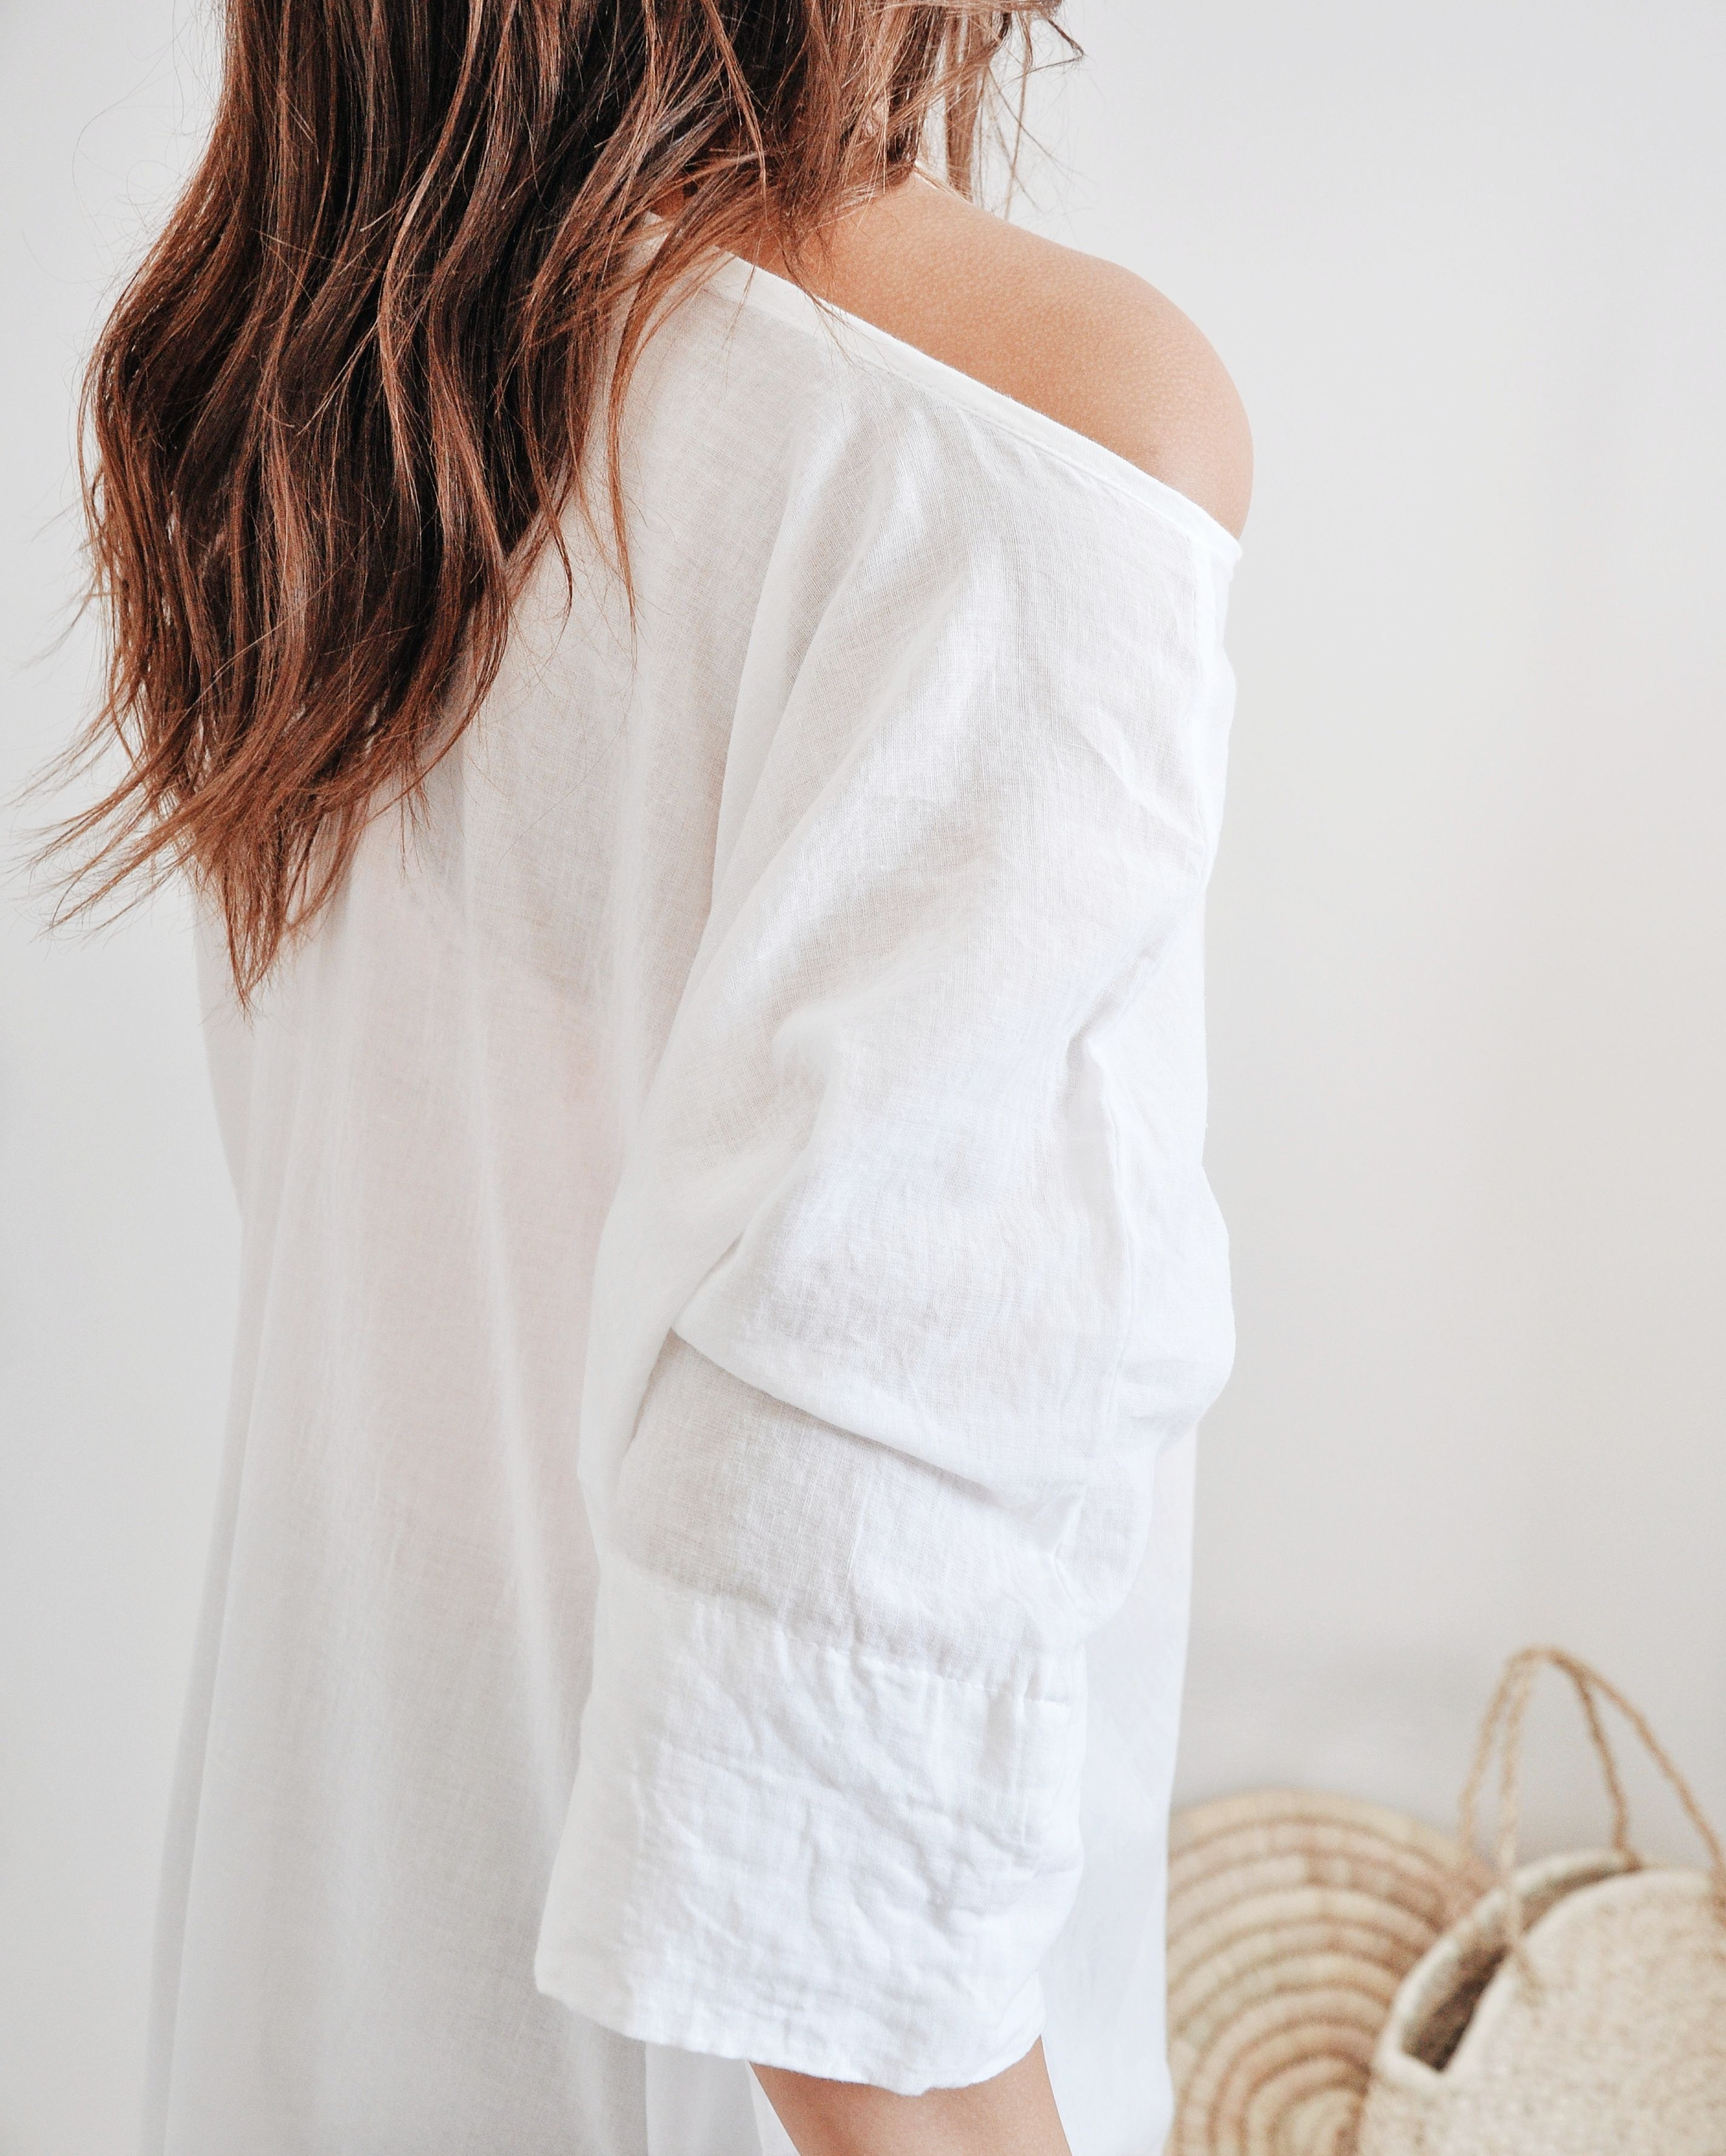 Light cotton abaya